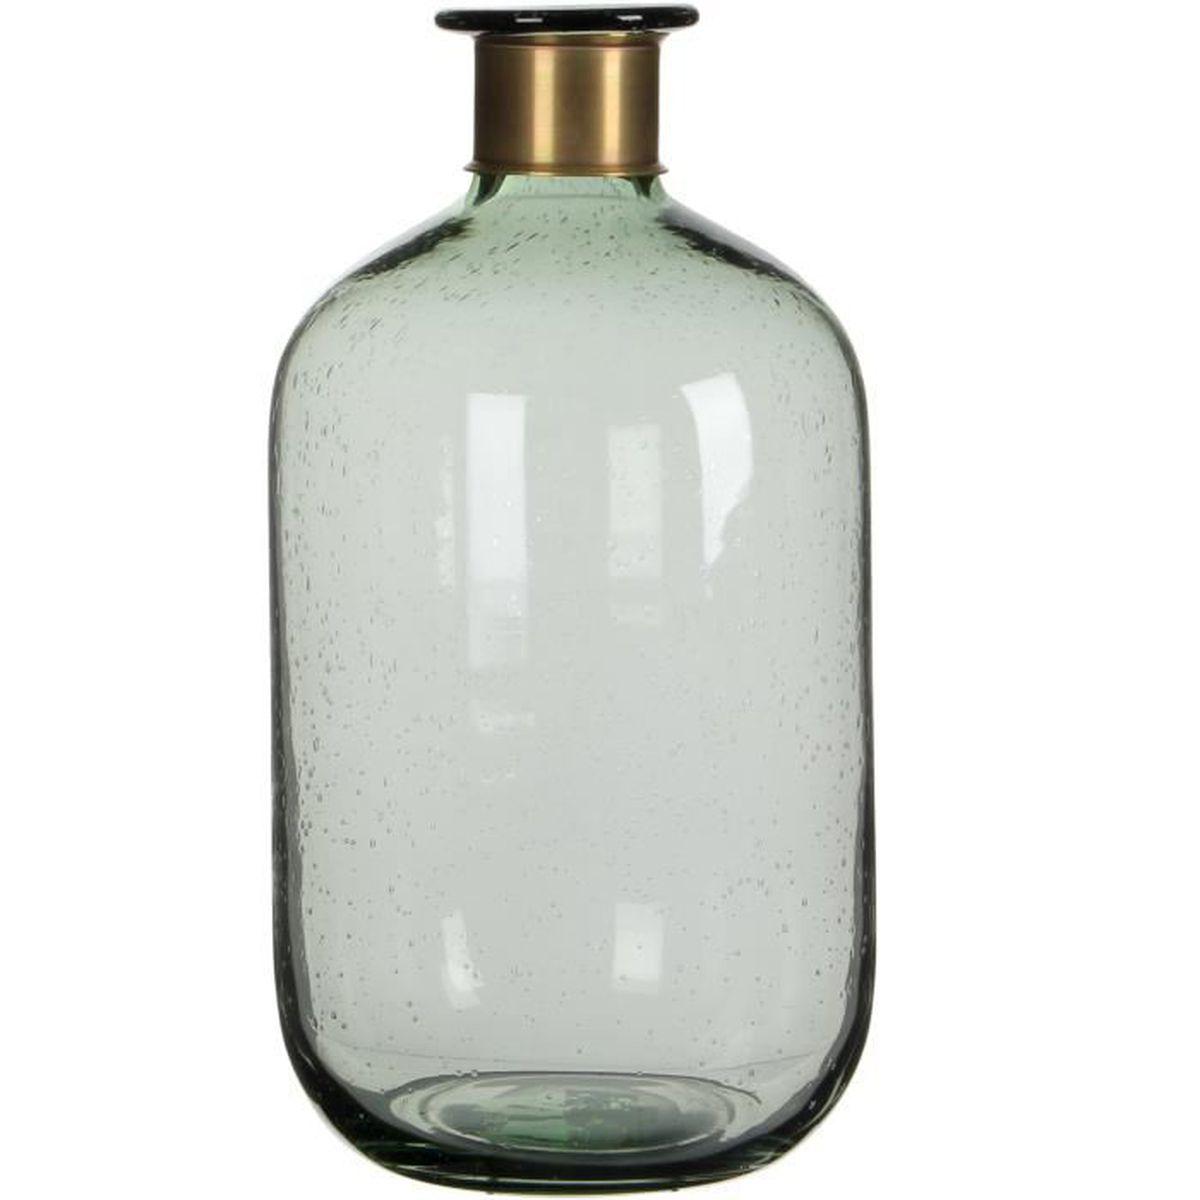 vase coupe cloche achat vente vase coupe cloche pas cher les soldes sur cdiscount. Black Bedroom Furniture Sets. Home Design Ideas